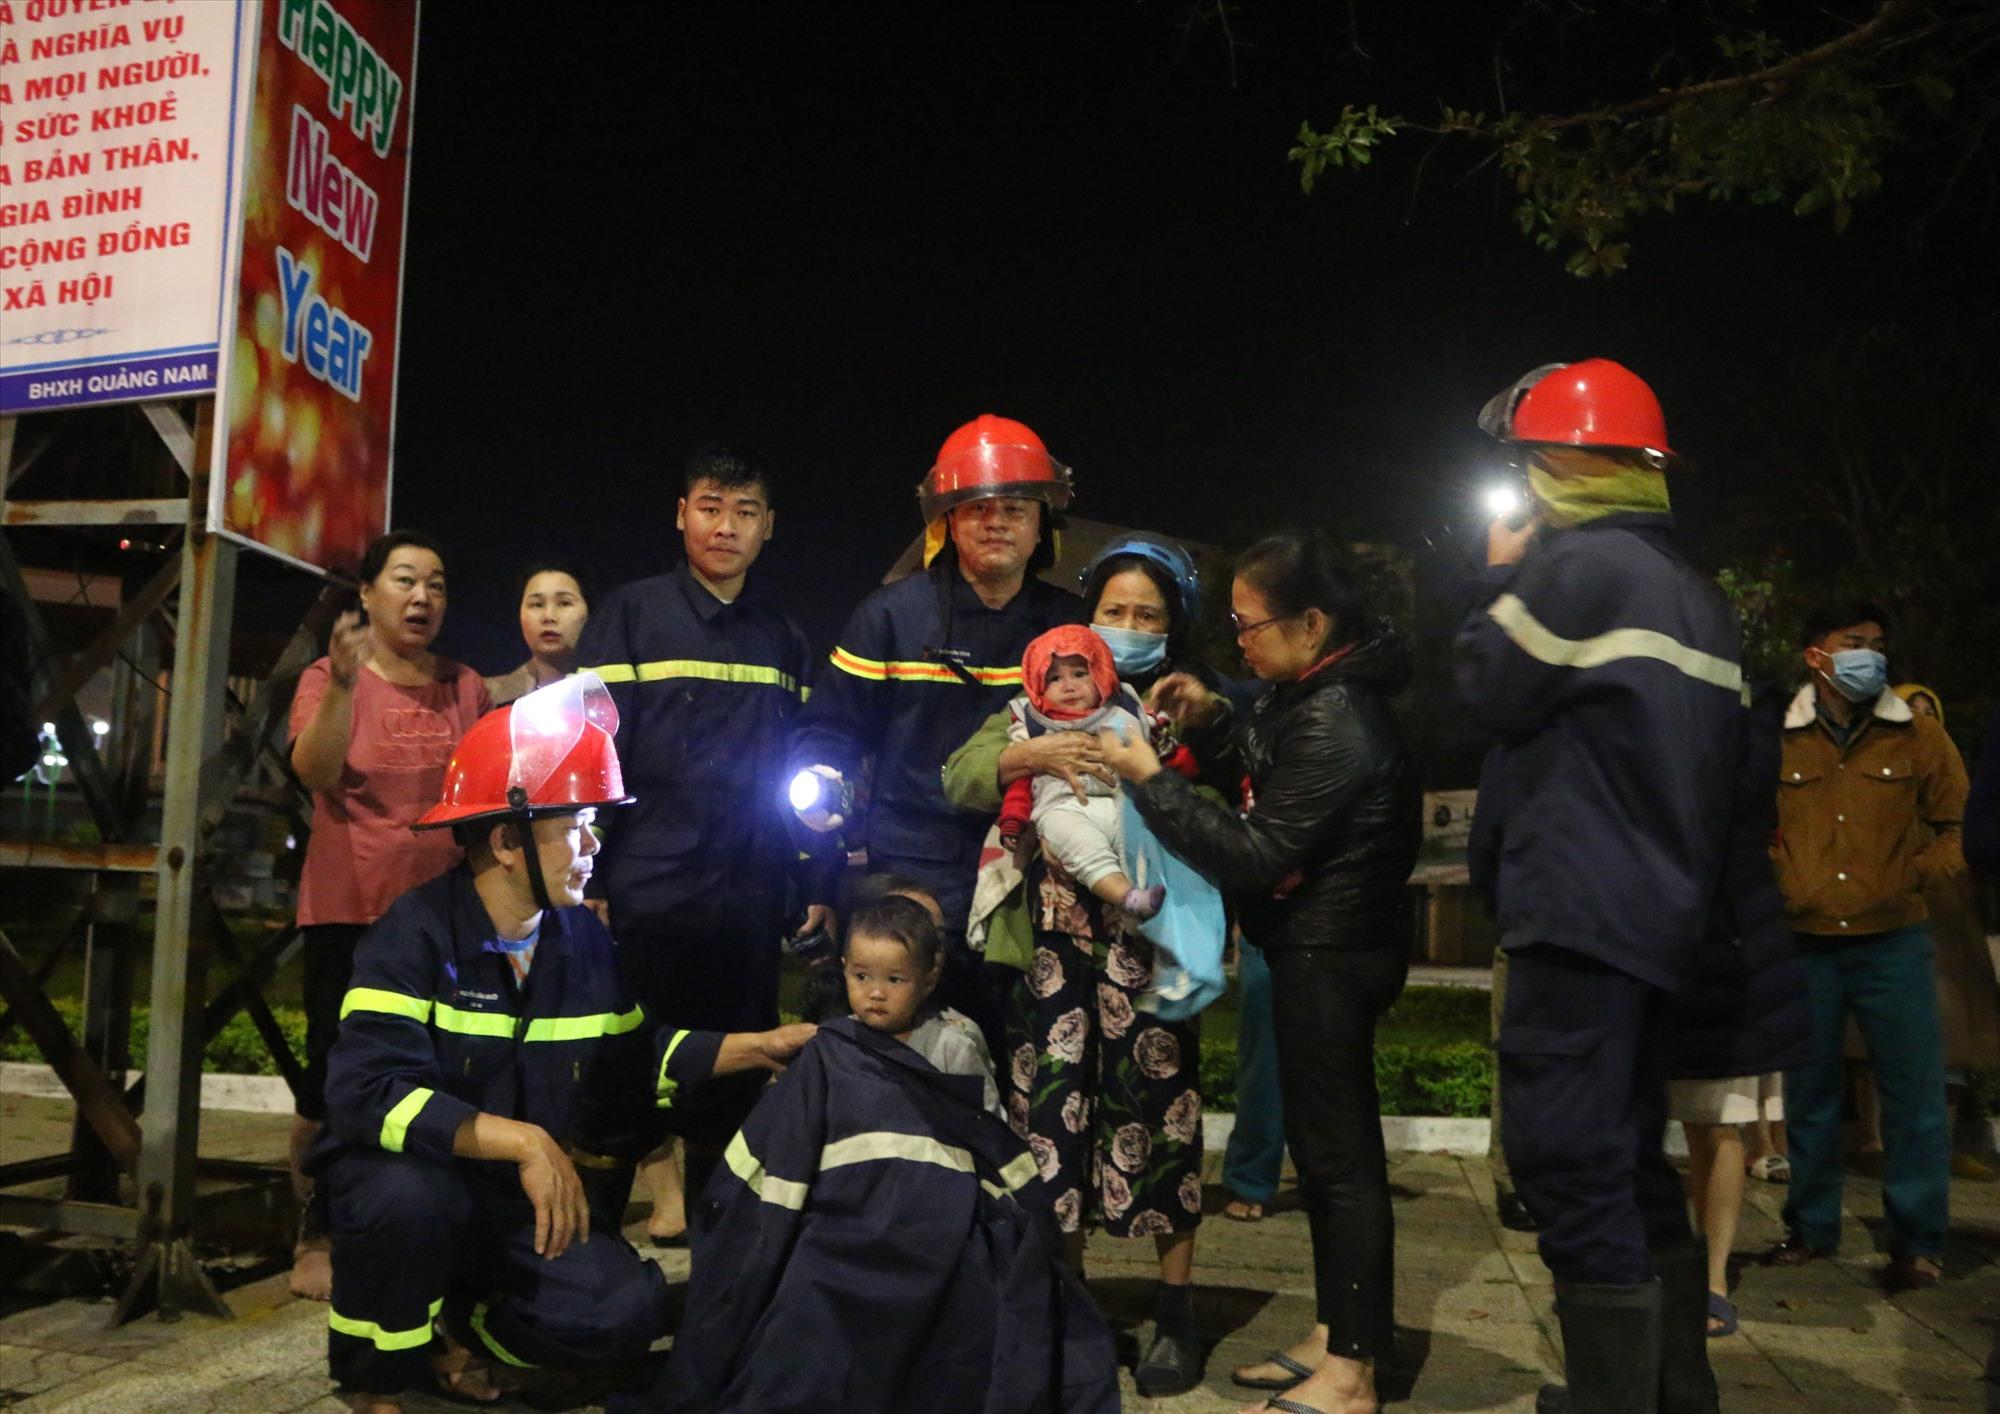 2 cháu nhỏ và các thành viên khác được cứu an toàn ra khỏi đám cháy. Ảnh: Công an cung cấp